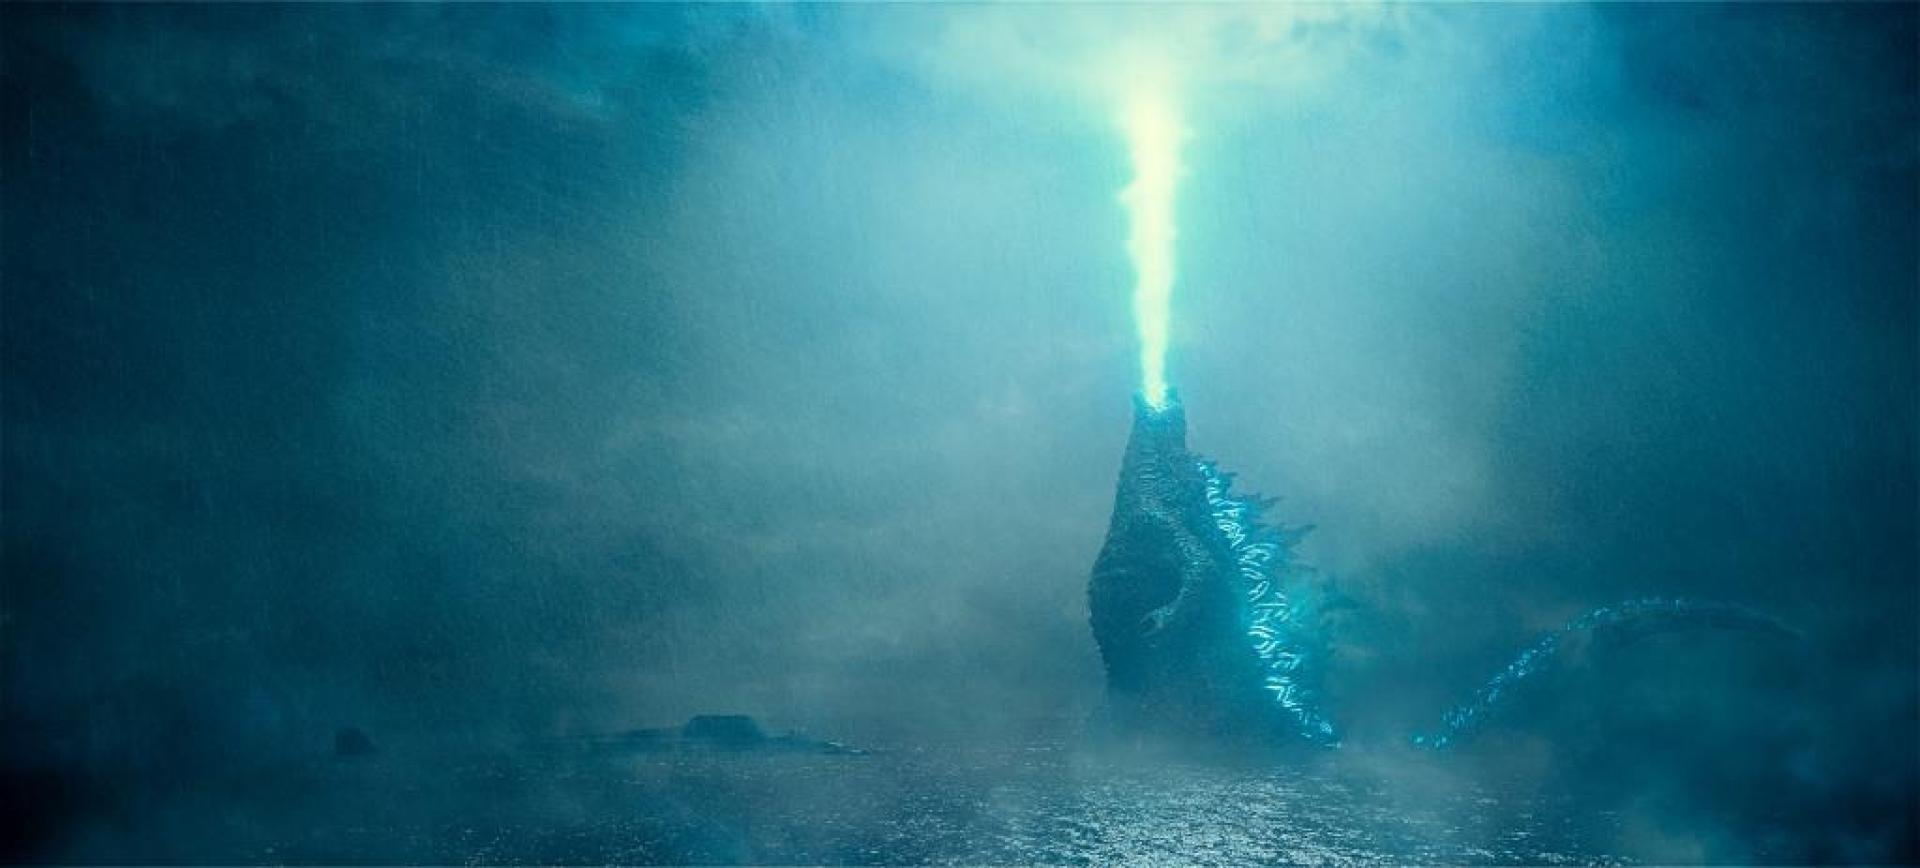 Godzilla mindent legyőz